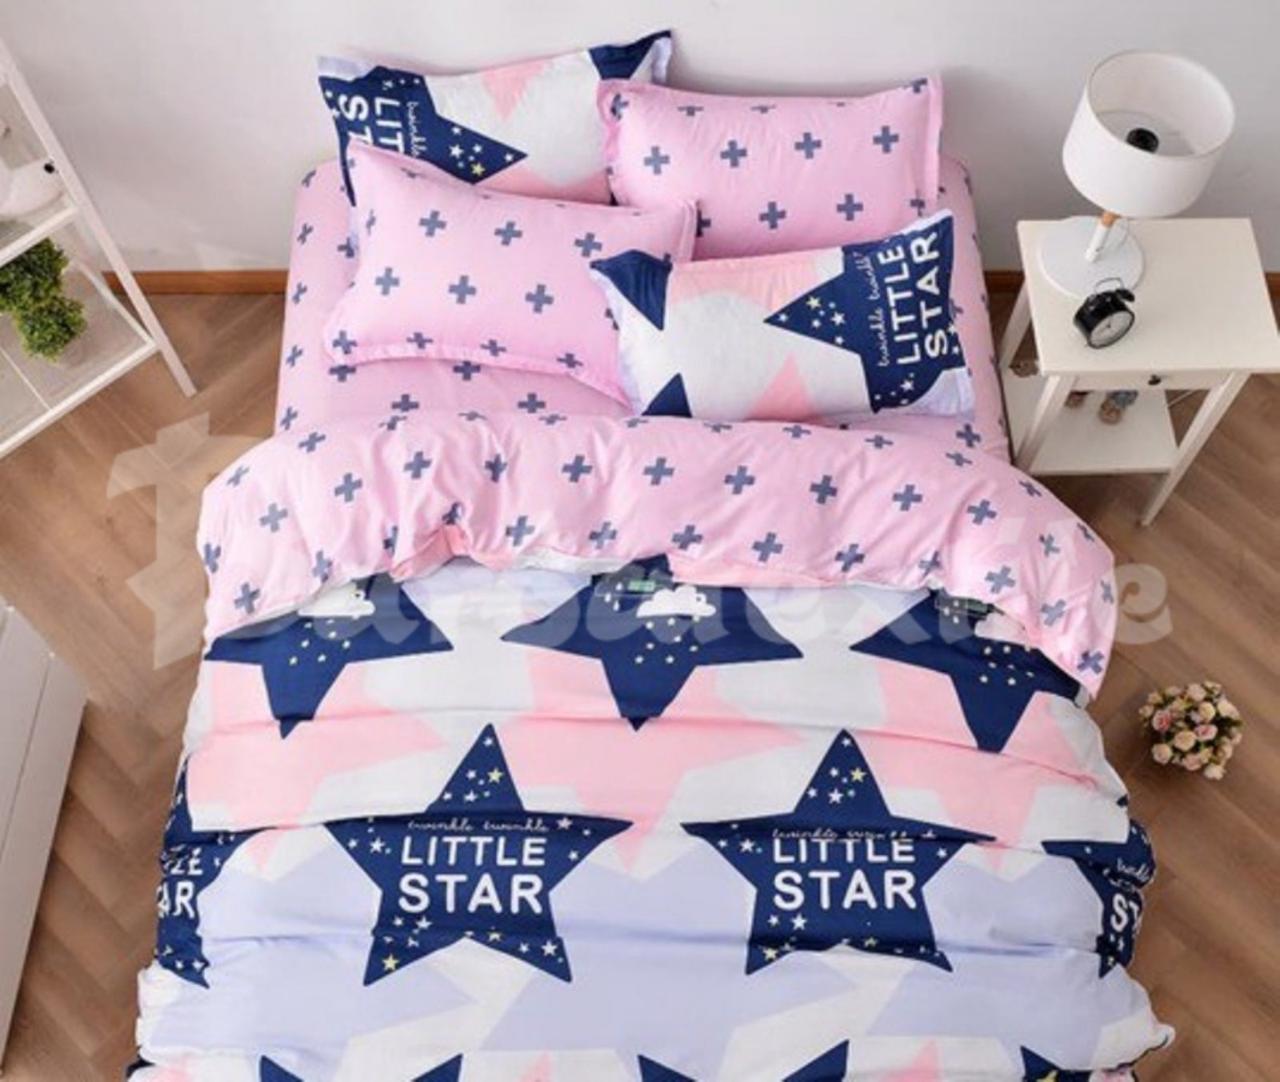 Качественное постельное белье евро, маленькая звезда